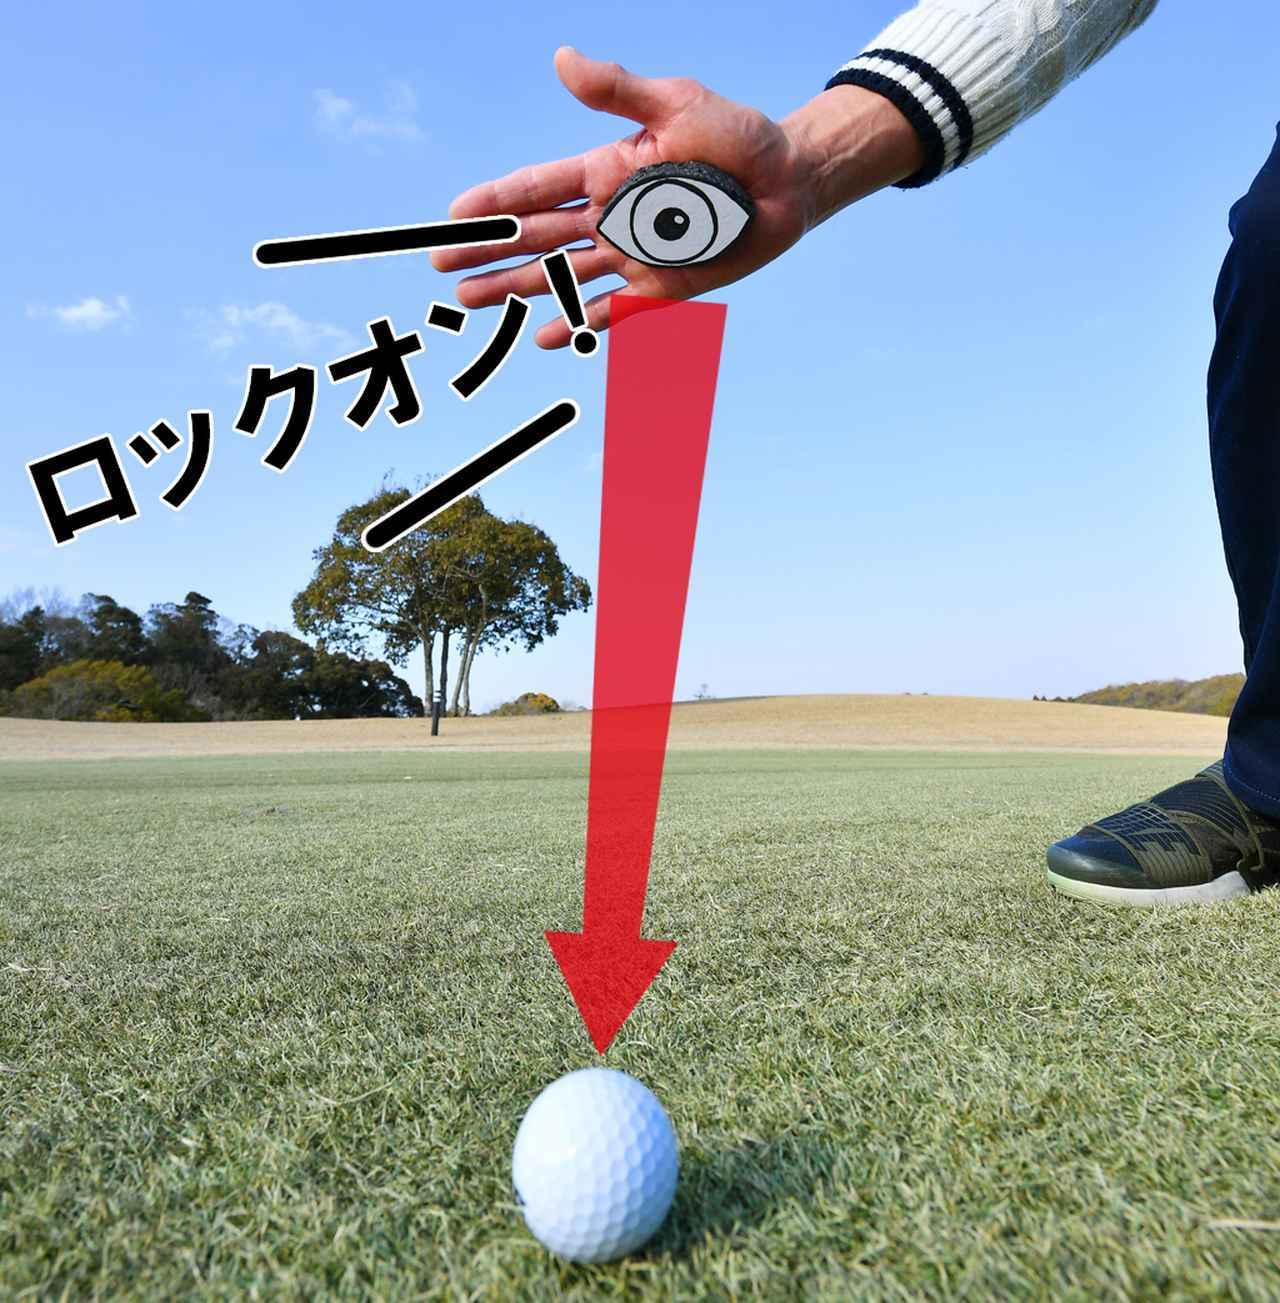 画像: 切り返しのタイミングから右手のひらをパタンと倒しはじめよう。ダウンスウィングで右手が腰の高さに下 りたとき、手のひらがボールを向いている状態にあるのが目安。フェースをしっかり返すことができ、ドロ ーが打てる